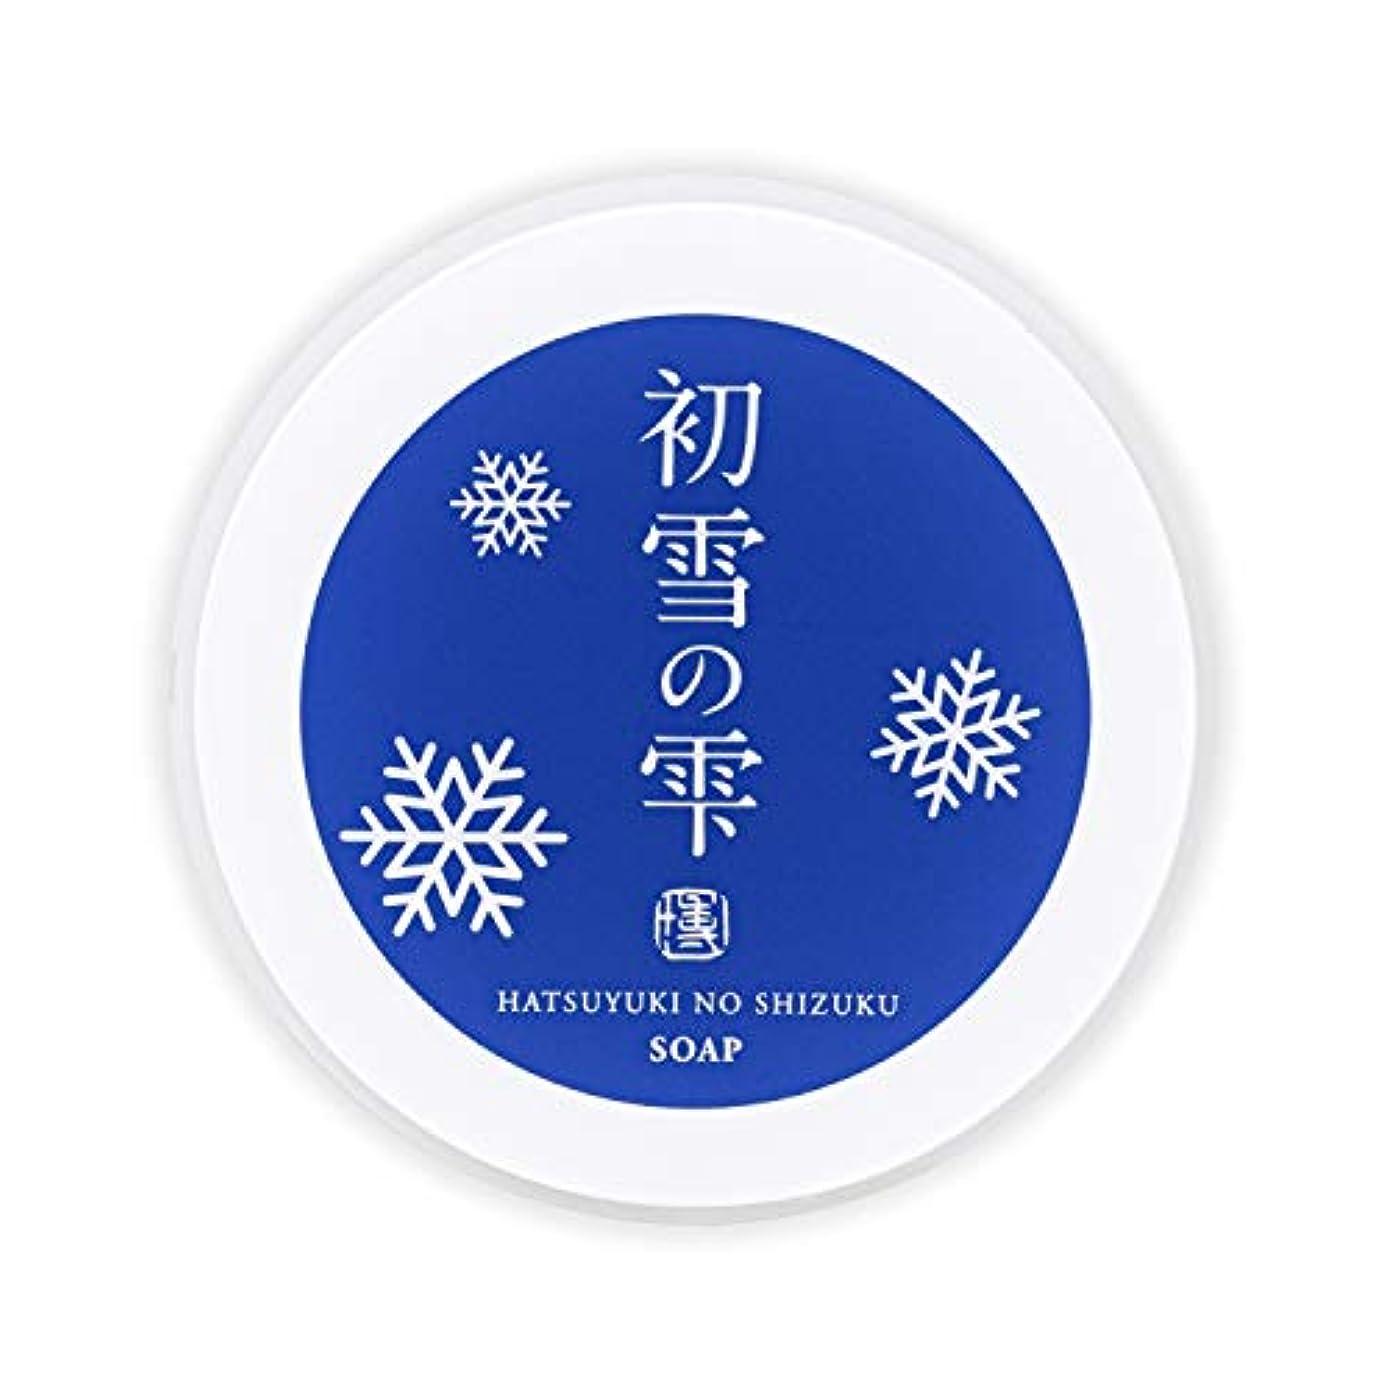 ライフル海嶺観光初雪の雫 洗顔 練り せっけん ジャータイプ 34g [アミノ酸 ヒアルロン酸 プラセンタエキス セラミド 配合]